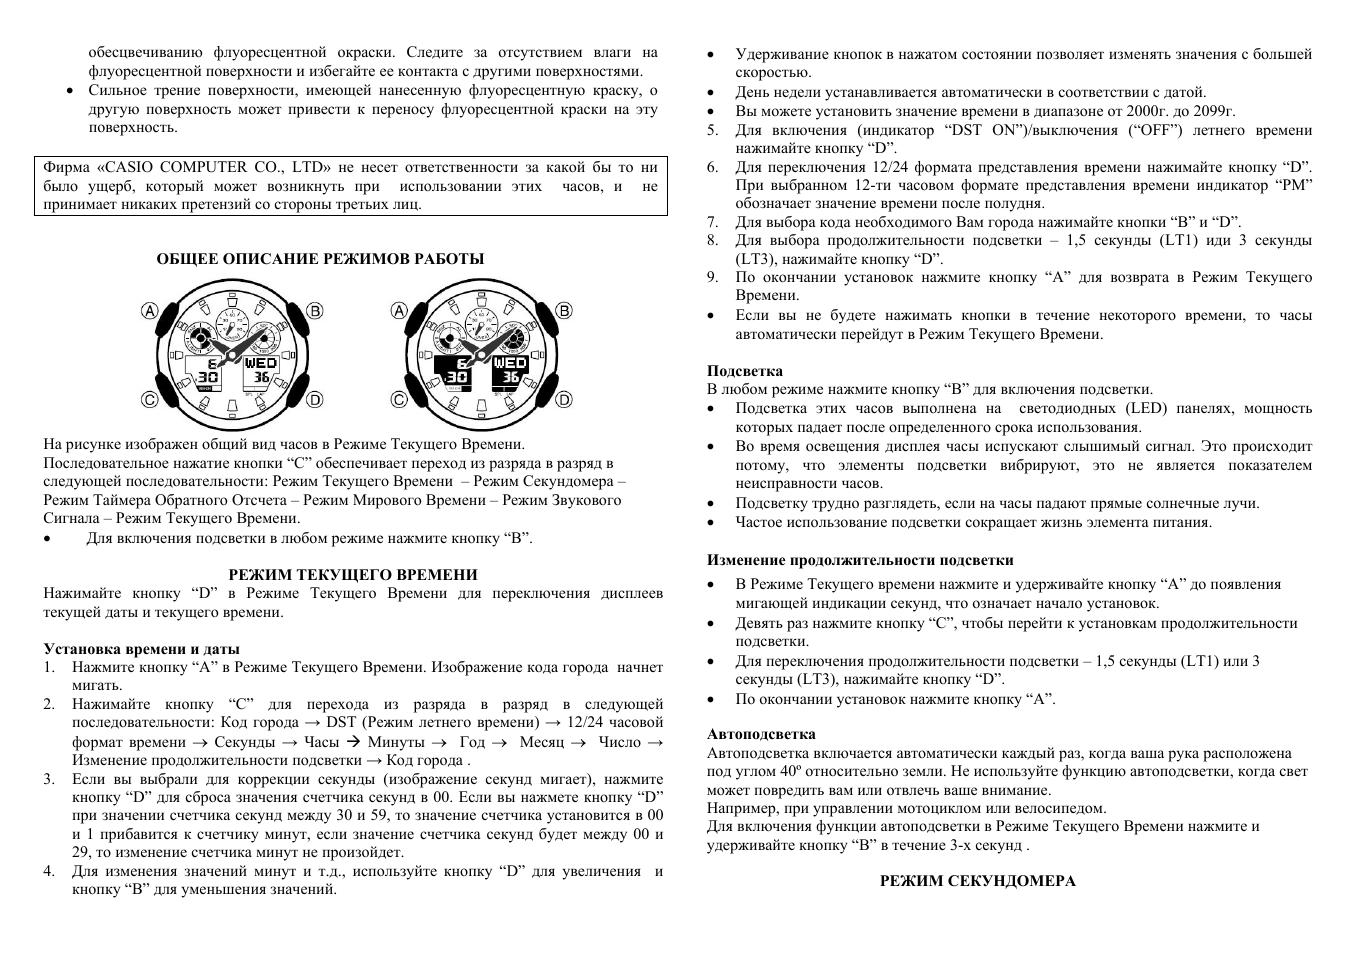 Каждая g-shock инструкция на нашем блоге предоставляется нашим читателям не только совершенно бесплатно, но и на русском языке, что даст возможность разобраться с функциональностью той или иной модели часов.